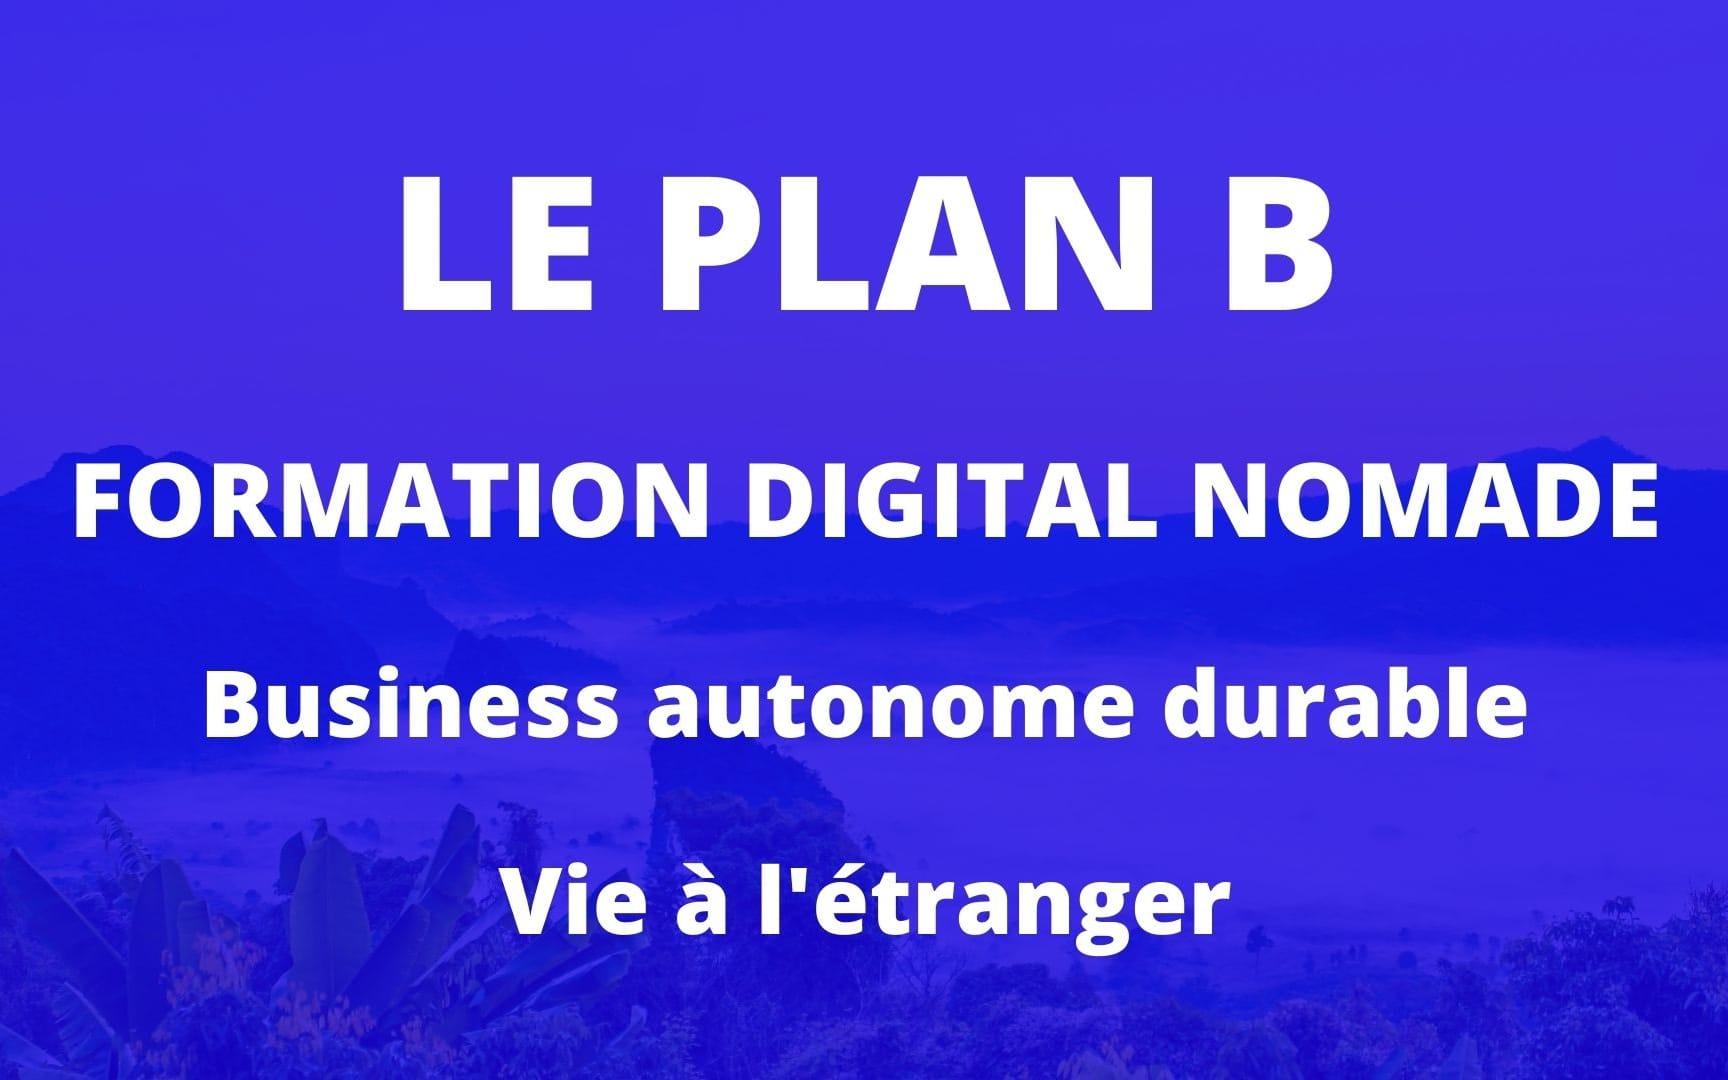 Le Plan B devenir Digital Nomade et vivre à l'étranger